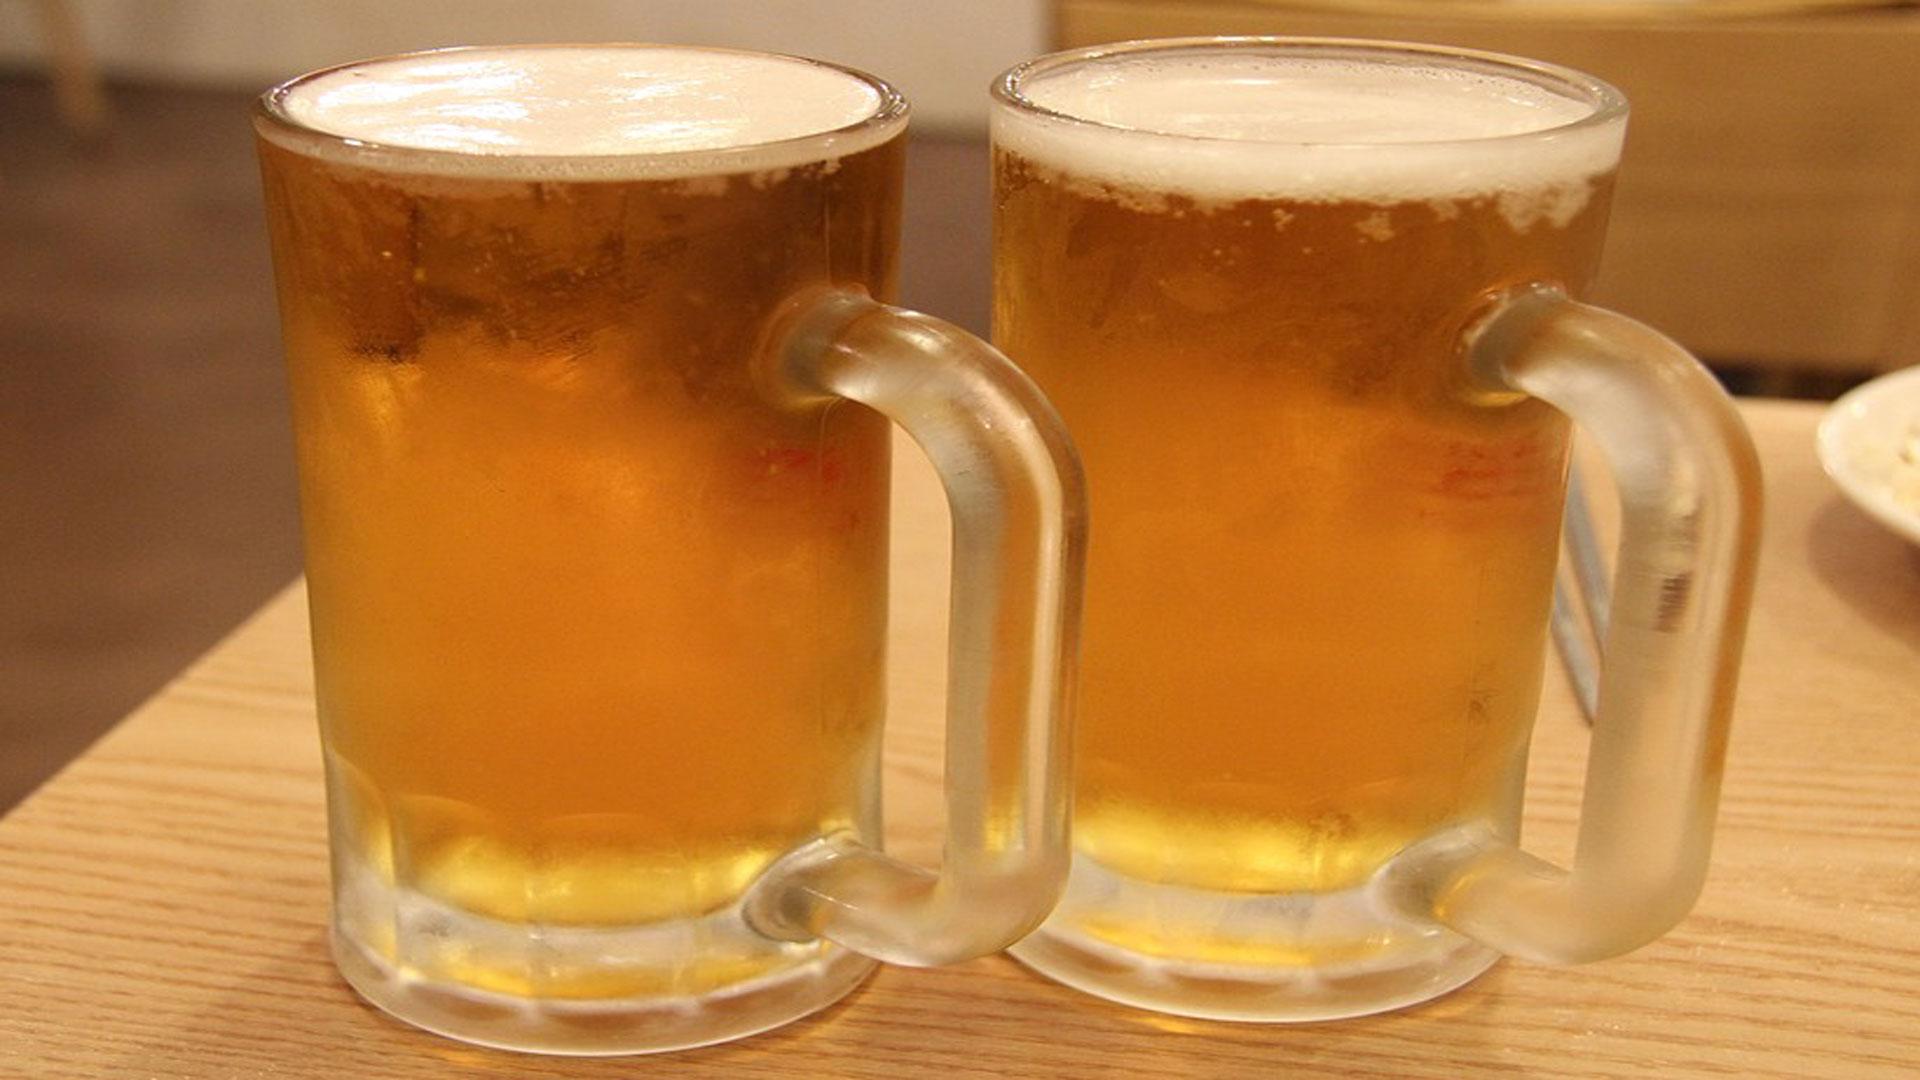 4-ingredientes-para-elaborar-cerveza-1920